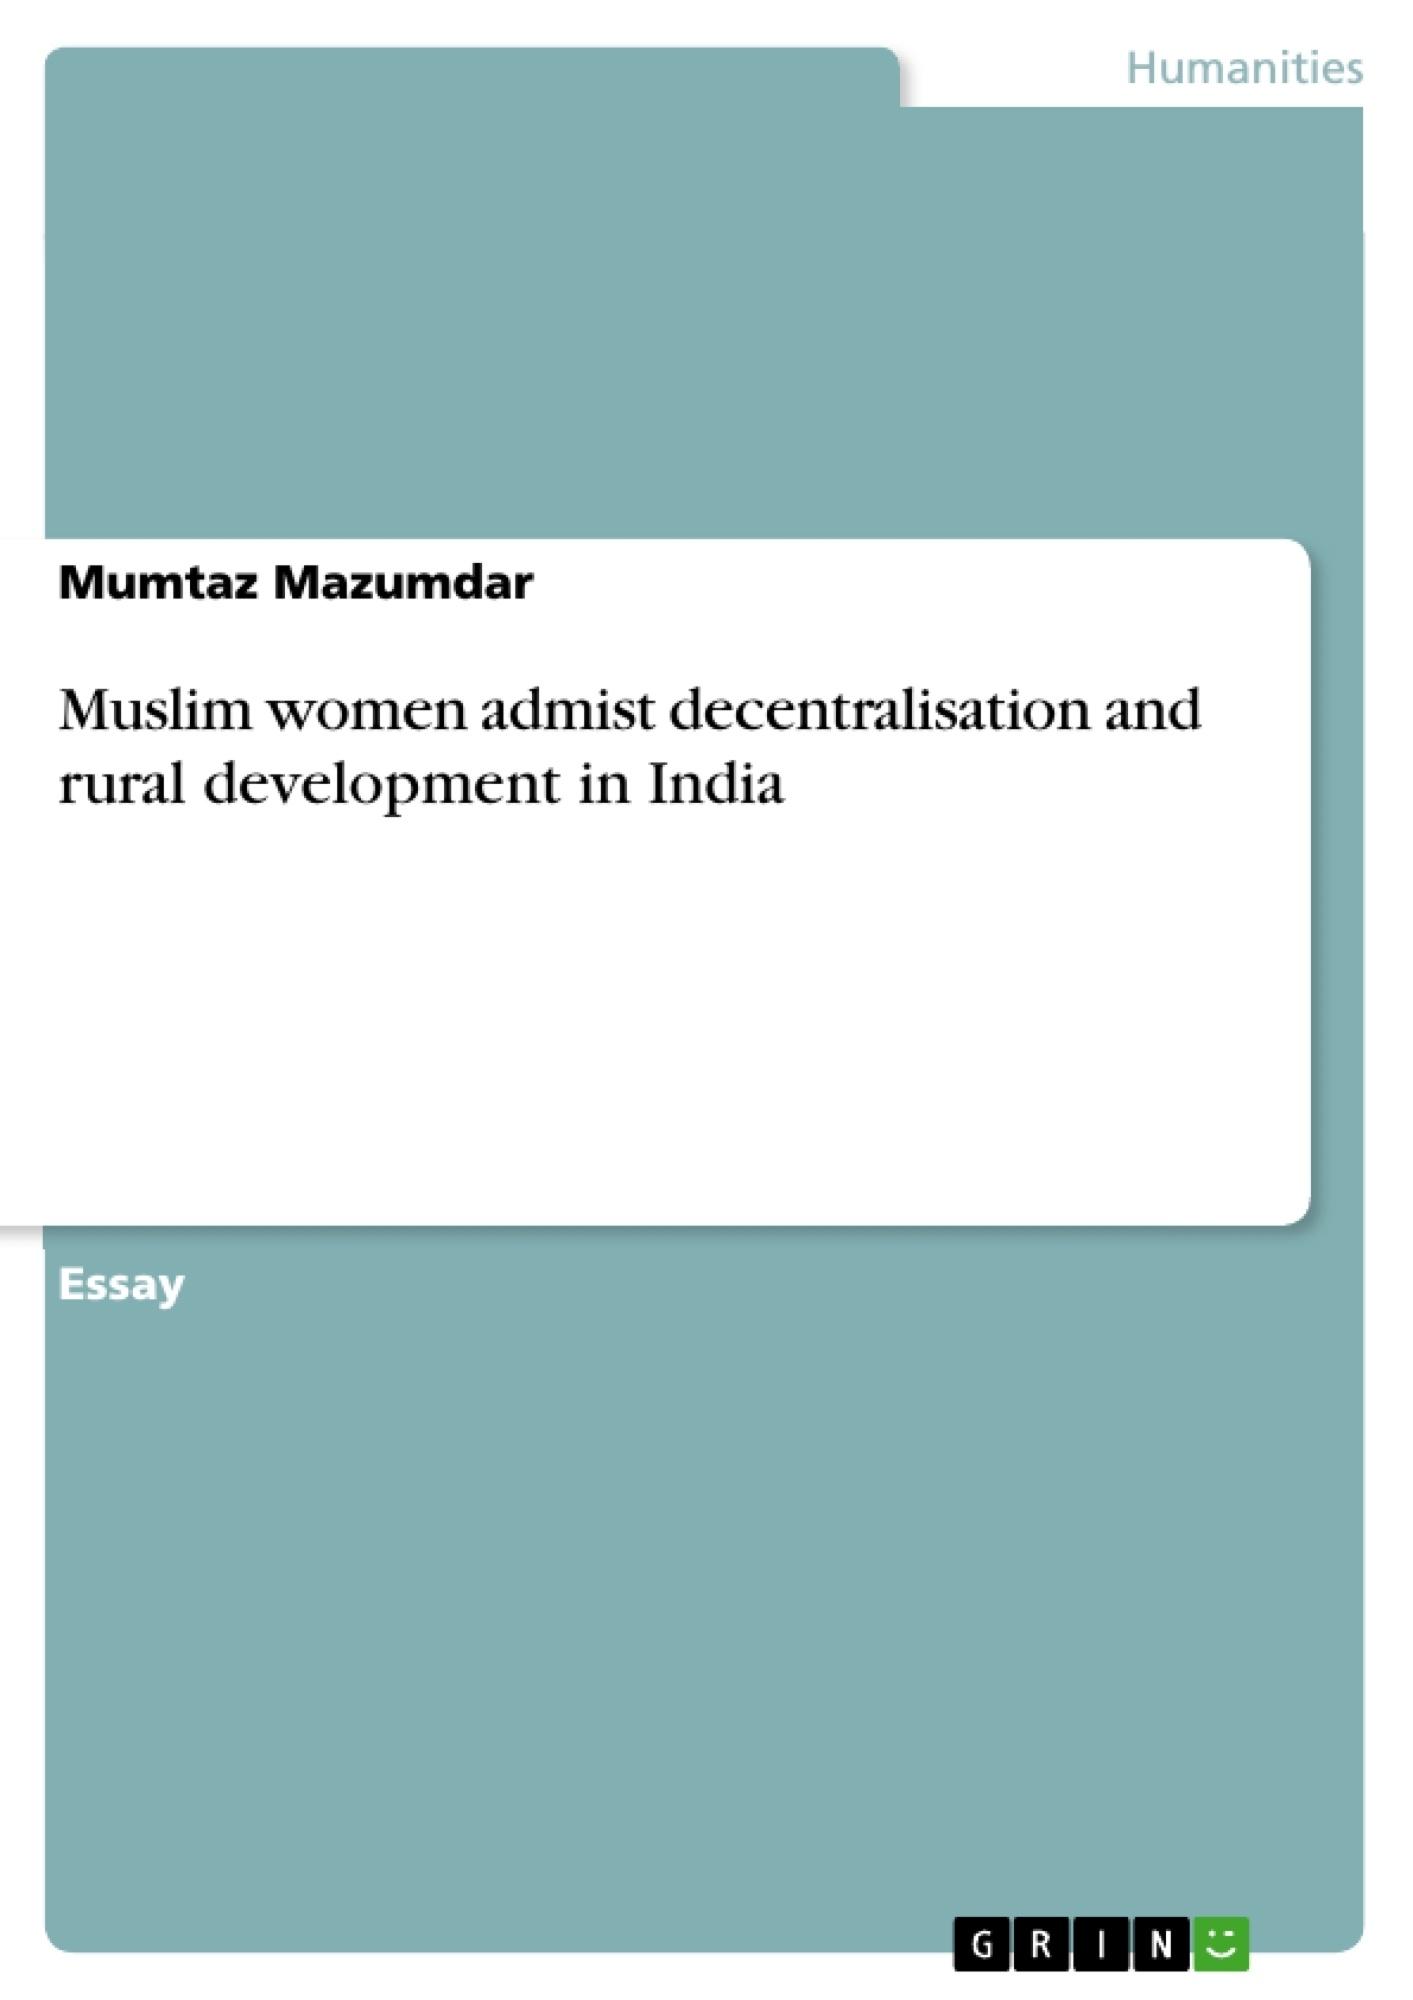 Title: Muslim women admist decentralisation and rural development in India